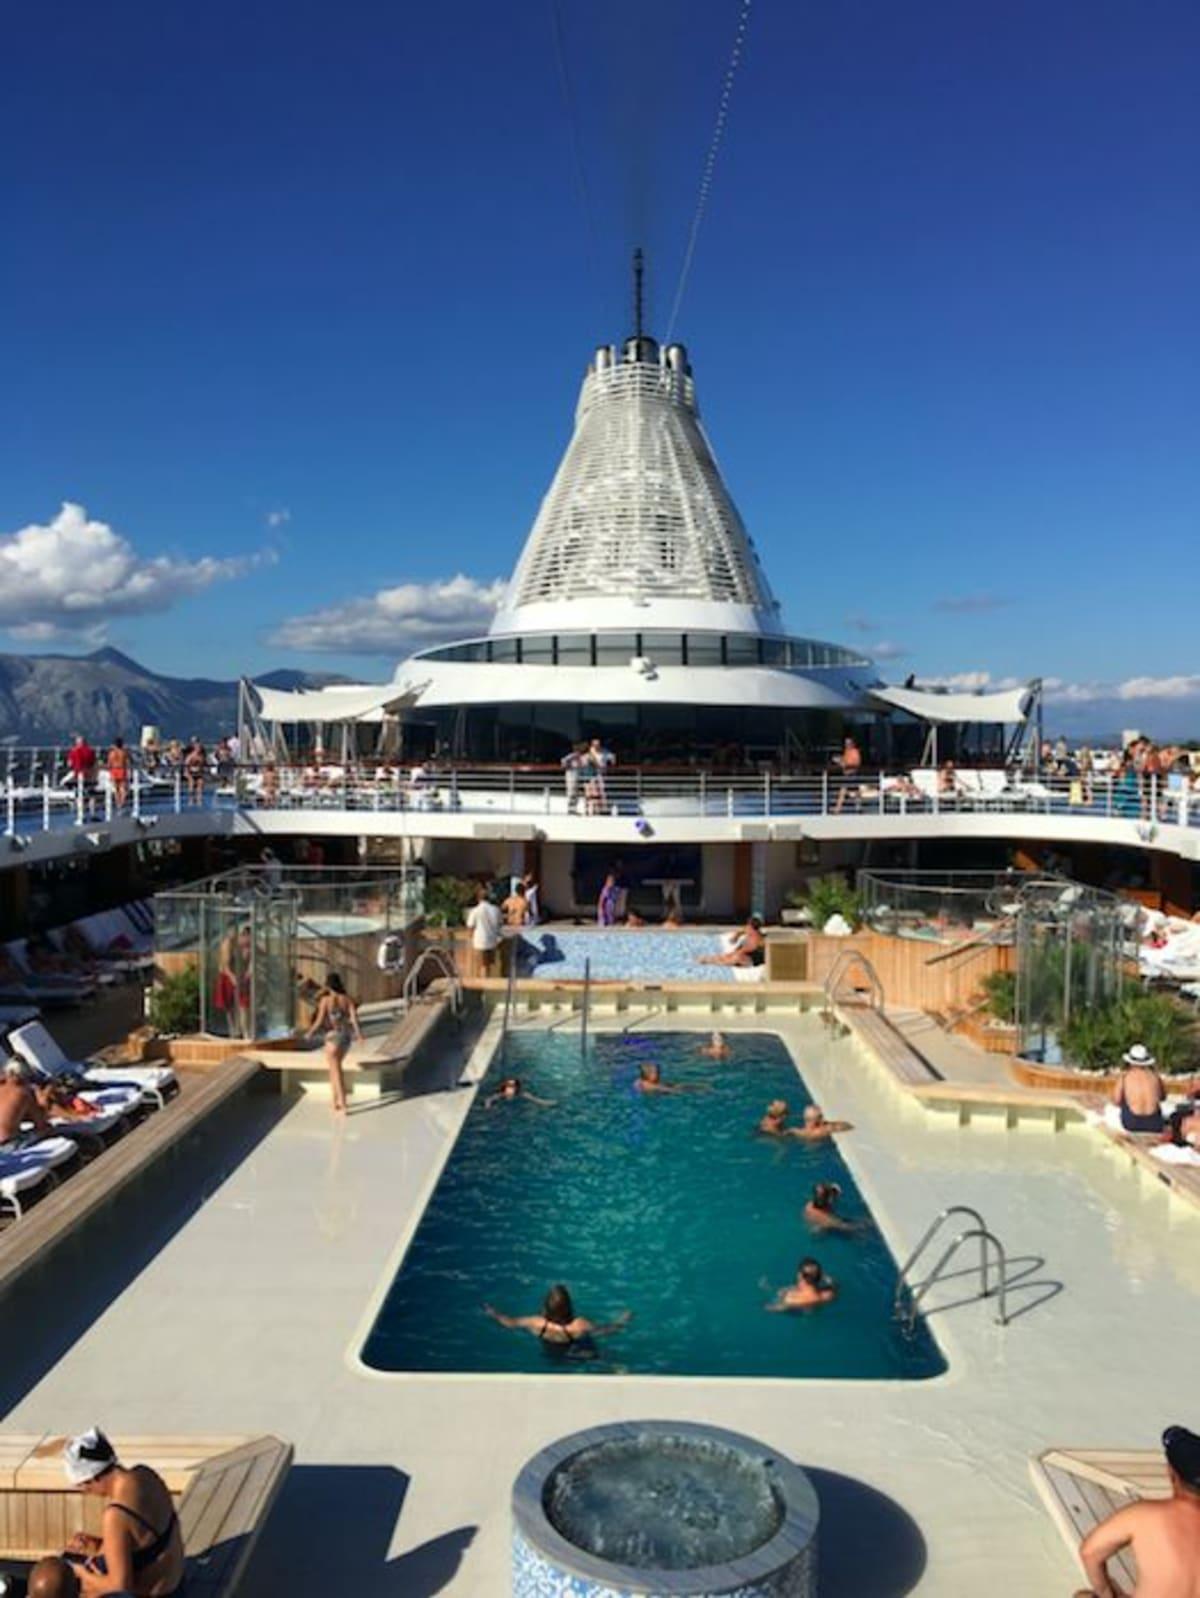 船上では、ゆったりとした時間を過ごすことができます。 | 客船リビエラの外観、船内施設